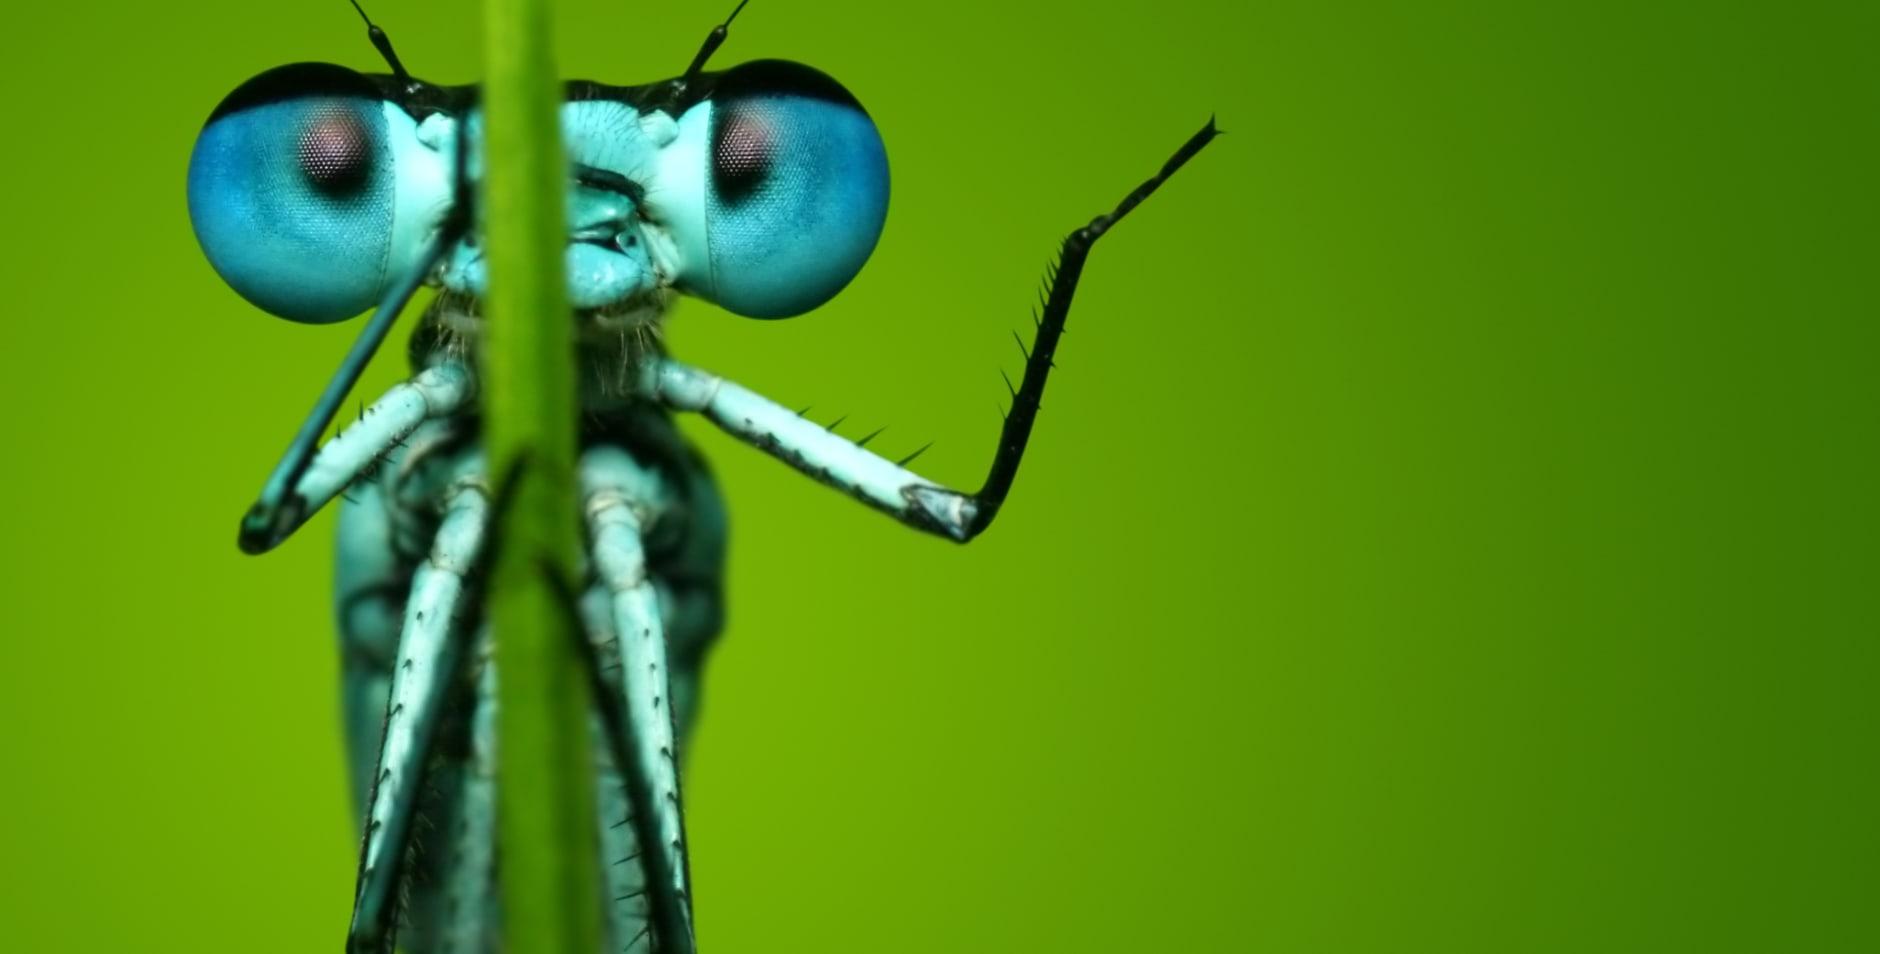 300 kom in actie - insectenpetitie - achterplaat macro